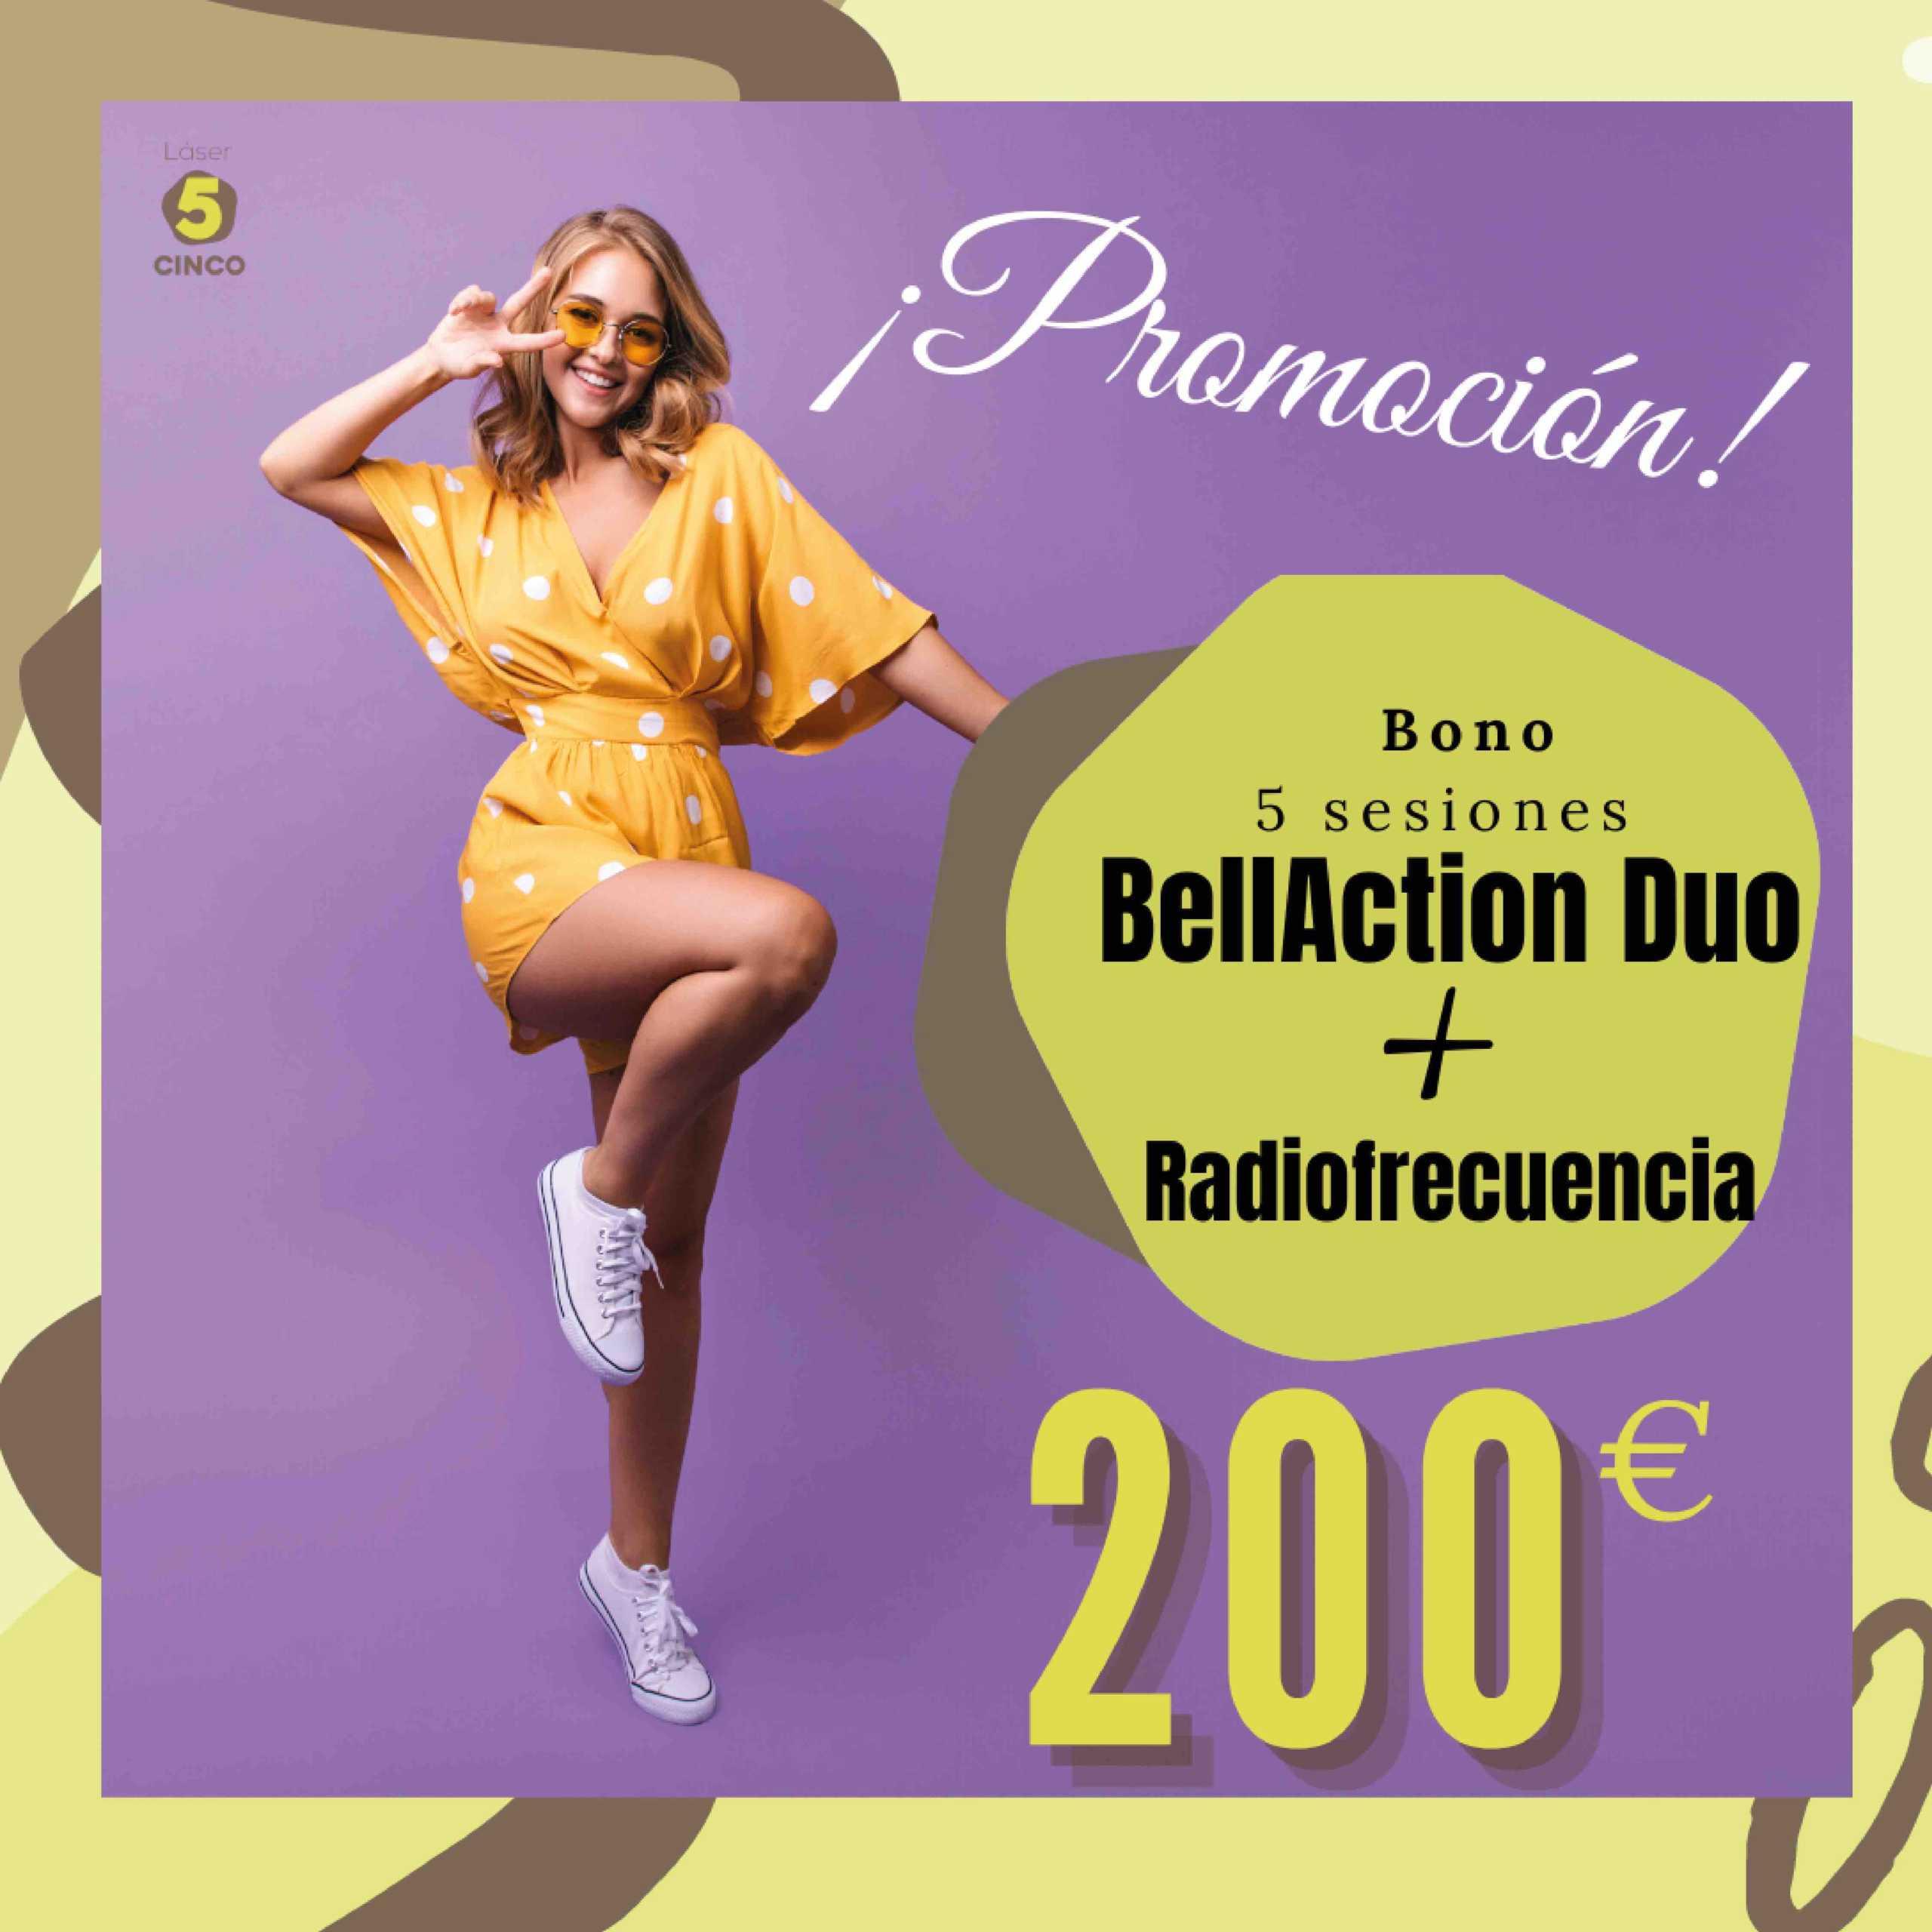 BellAction y Radiofrecuencia Valladolid